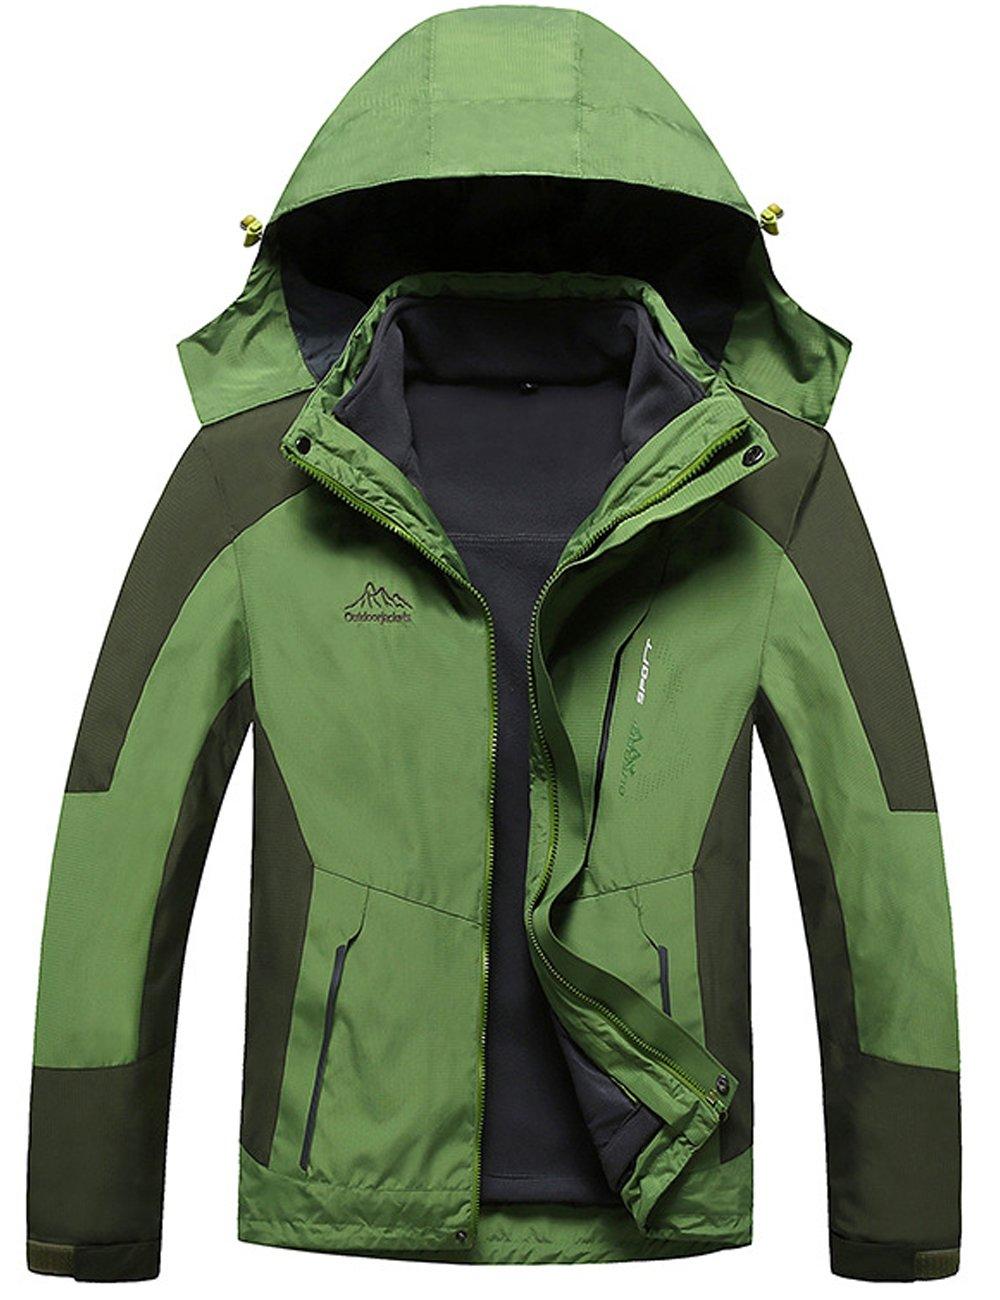 Menschwear OUTERWEAR メンズ B076KMG1NN 3L|Green 8820 Green 8820 3L